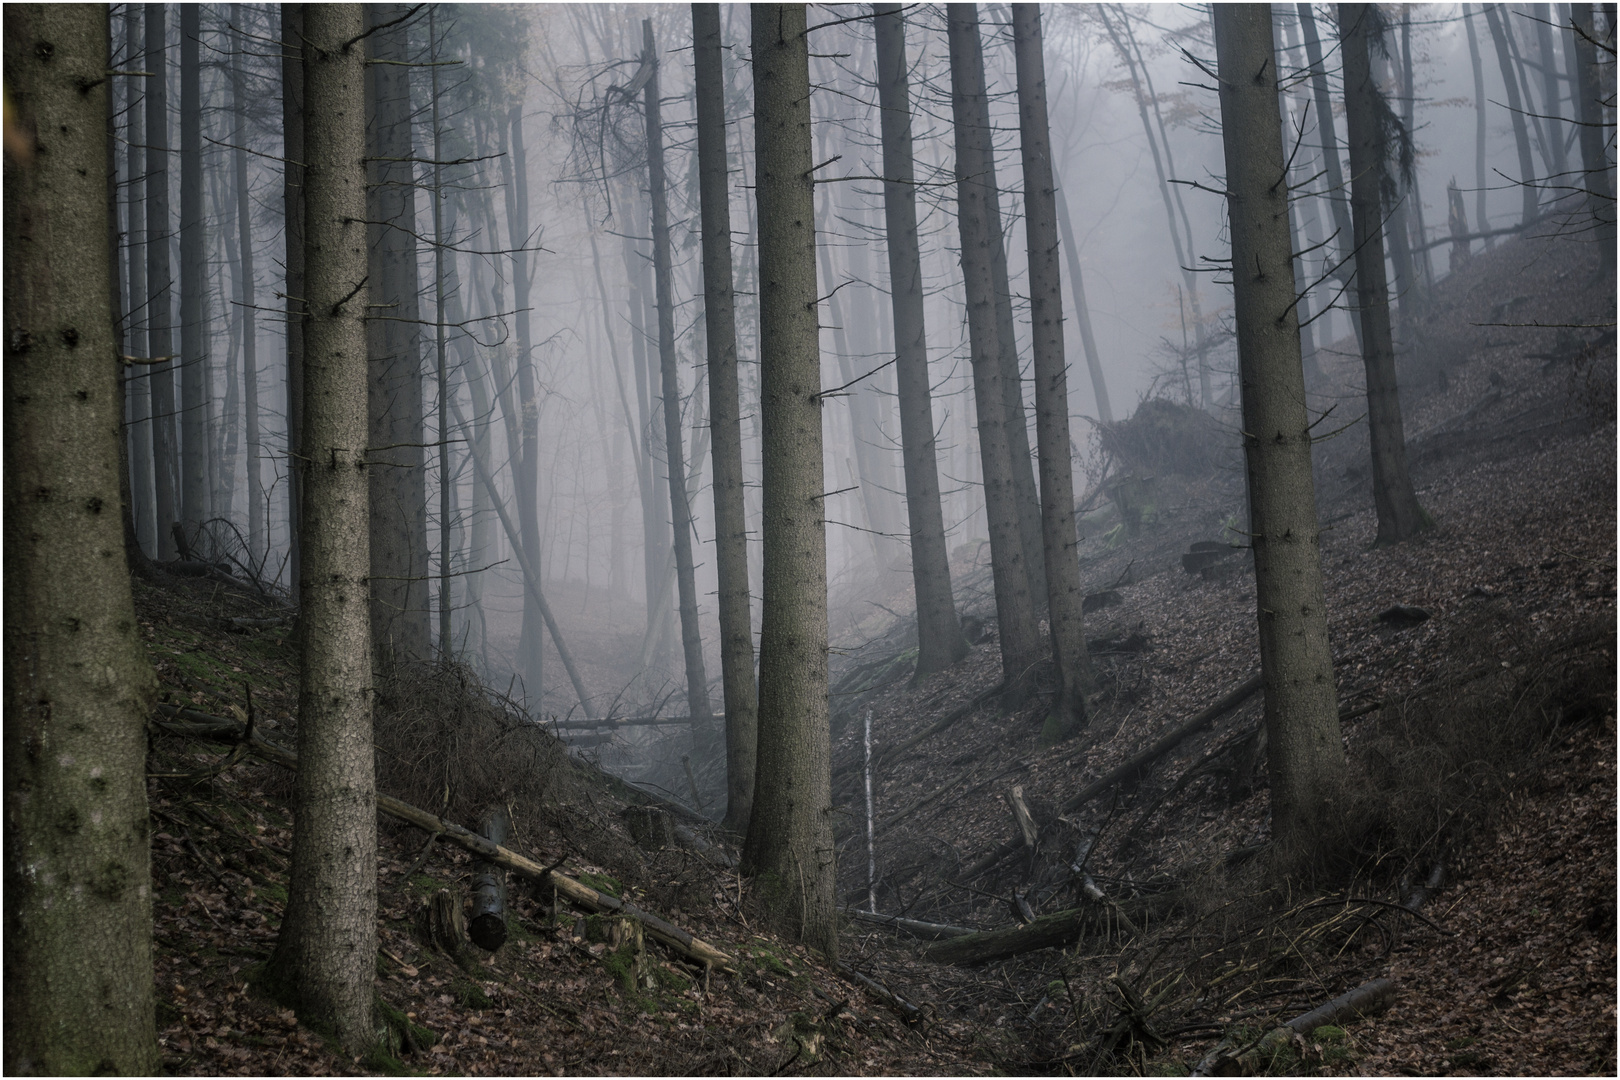 Hazy Woods I.